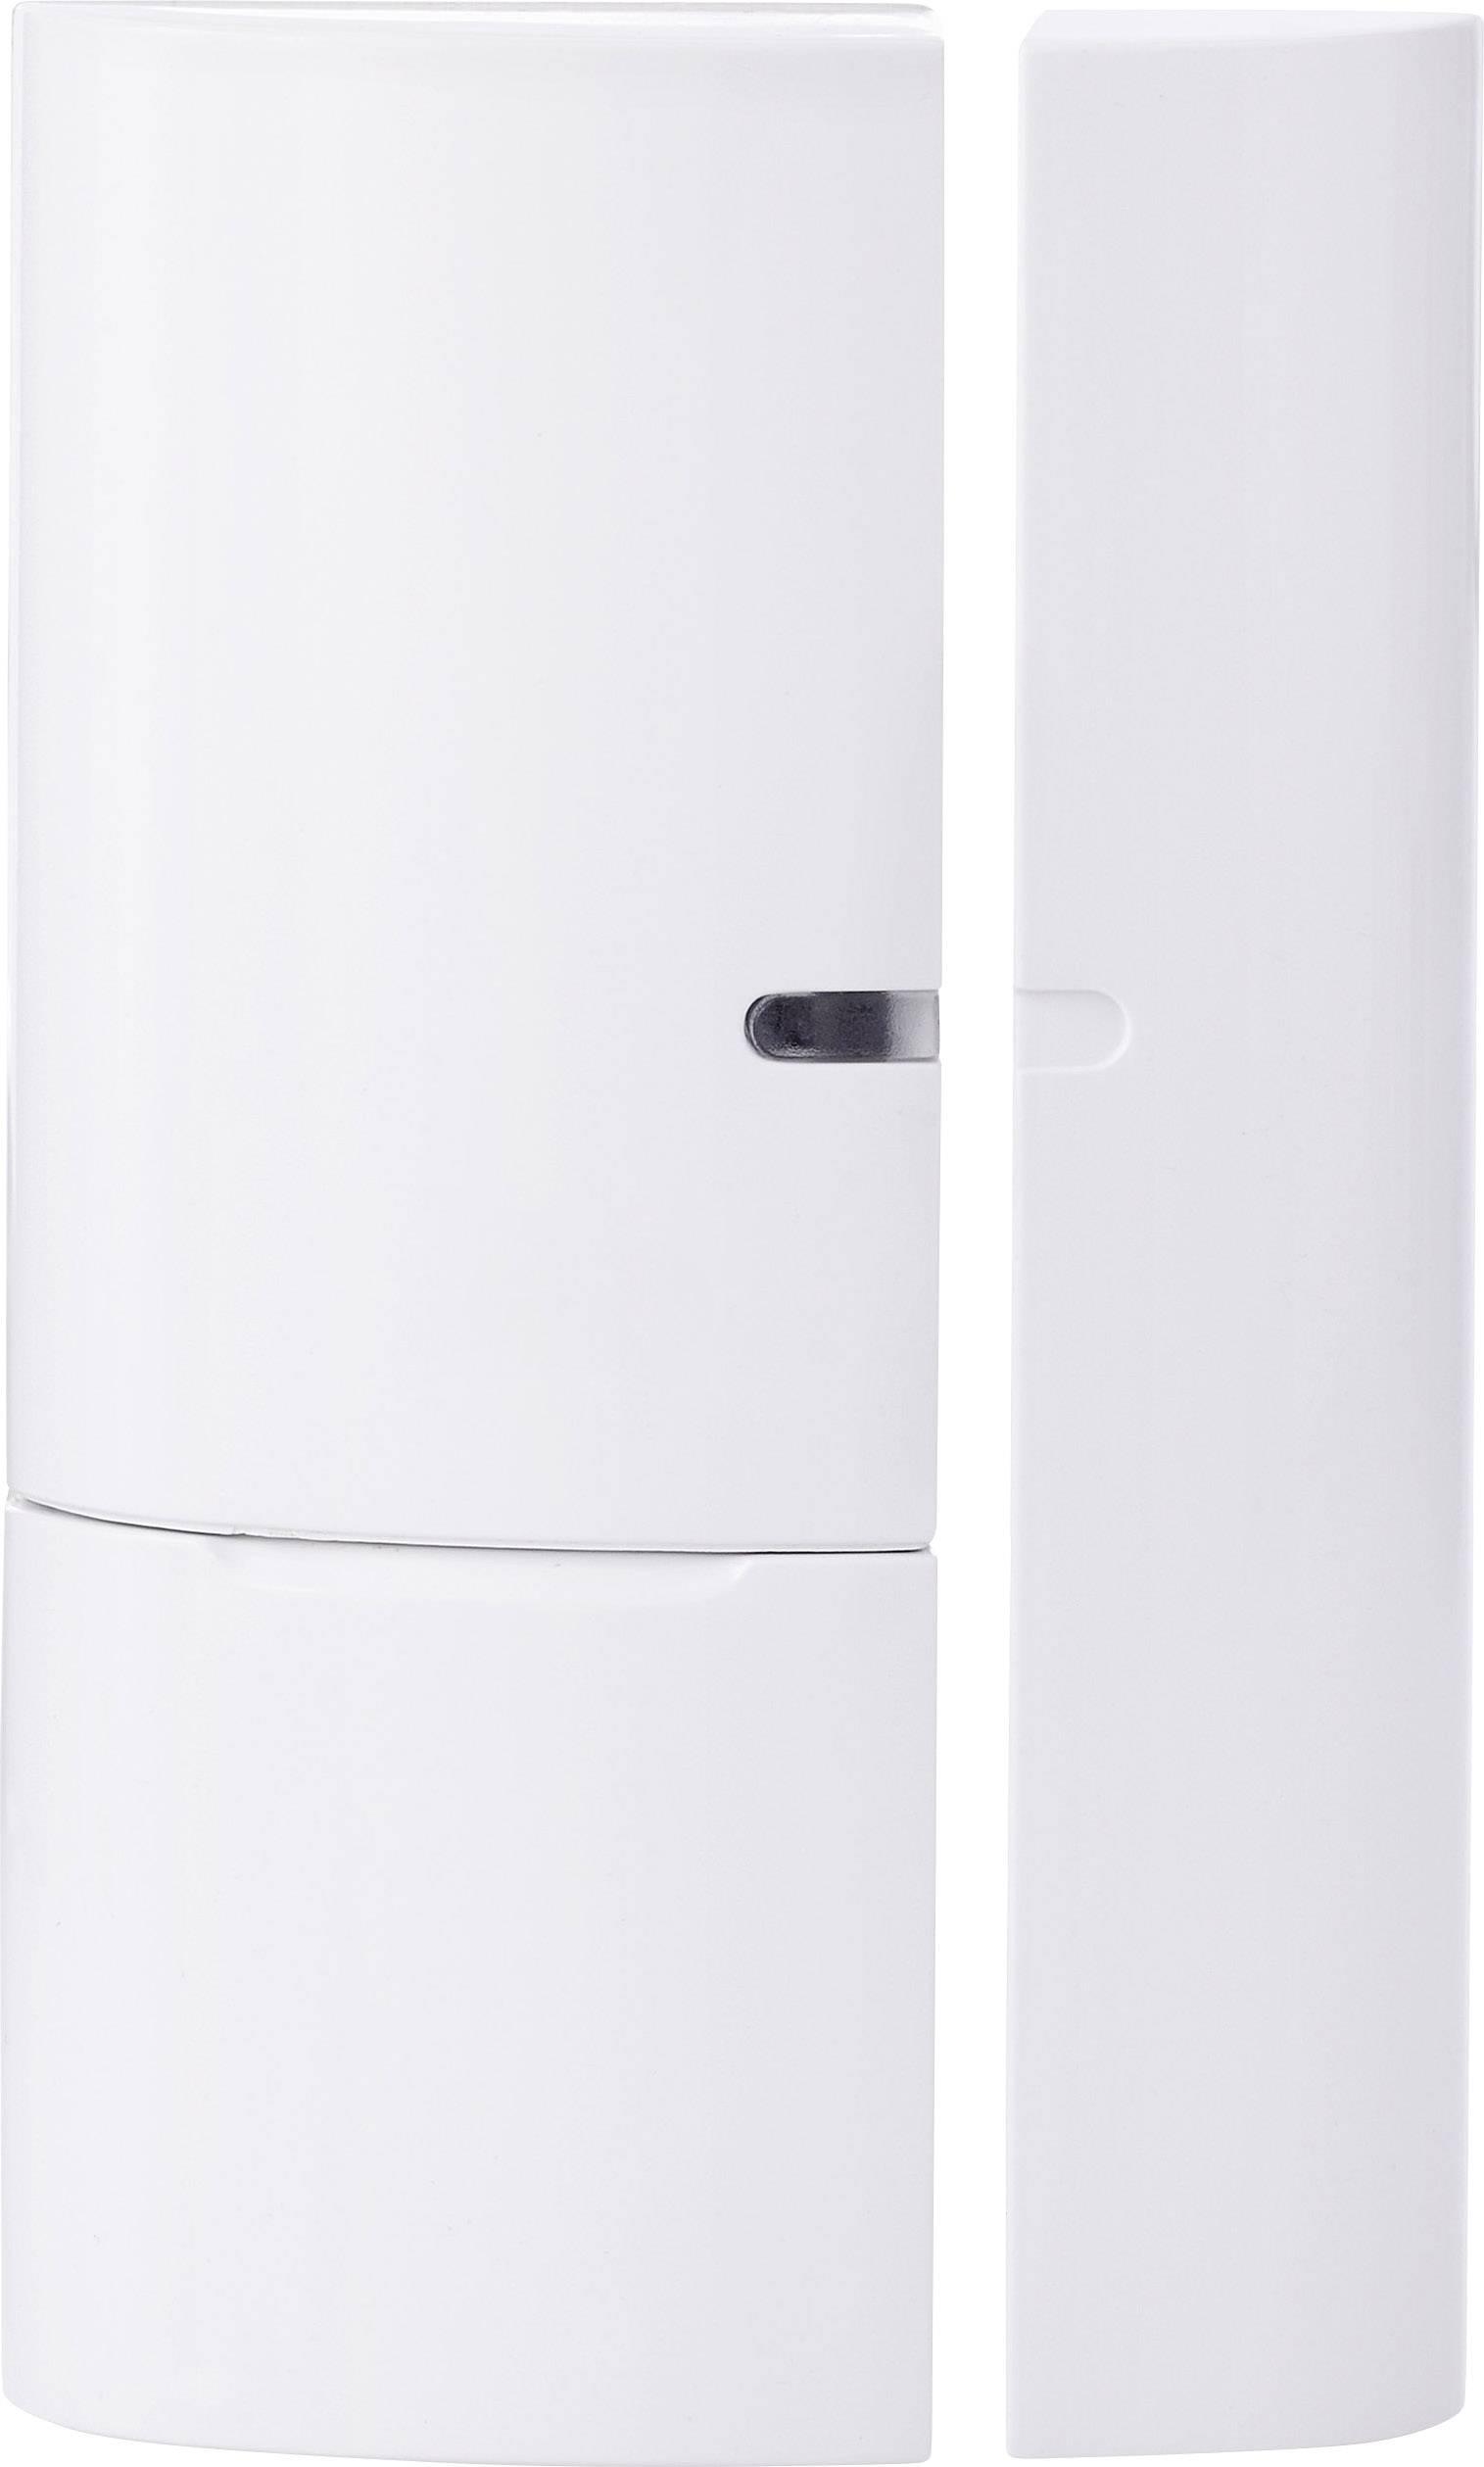 Rozšíření bezdrátového alarmu, bezdrátový dveřní kontakt ABUS Smartvest, ABUS Smart Security World FUMK35000A